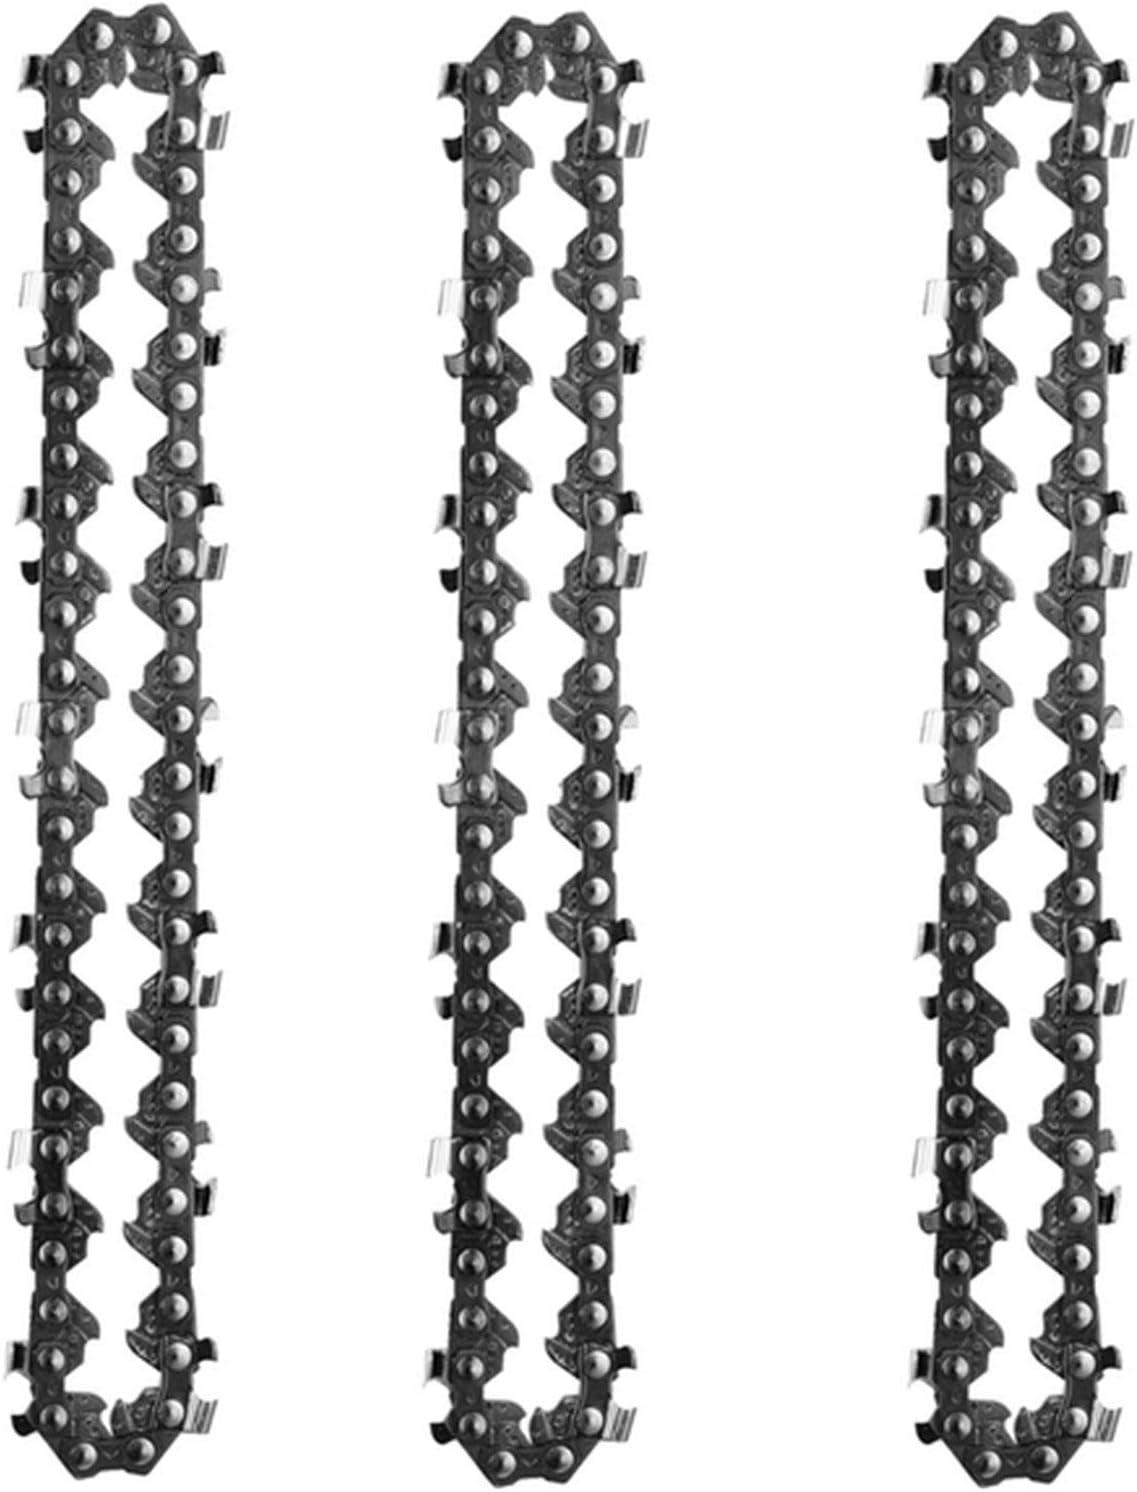 Migaven 3 Piezas Cadena Motosierra, Mini Cadena Motosierra Eléctrica Inalámbrica de 4 Pulgadas para Cortar Madera Ramas de Árboles Poda Patio Jardinería